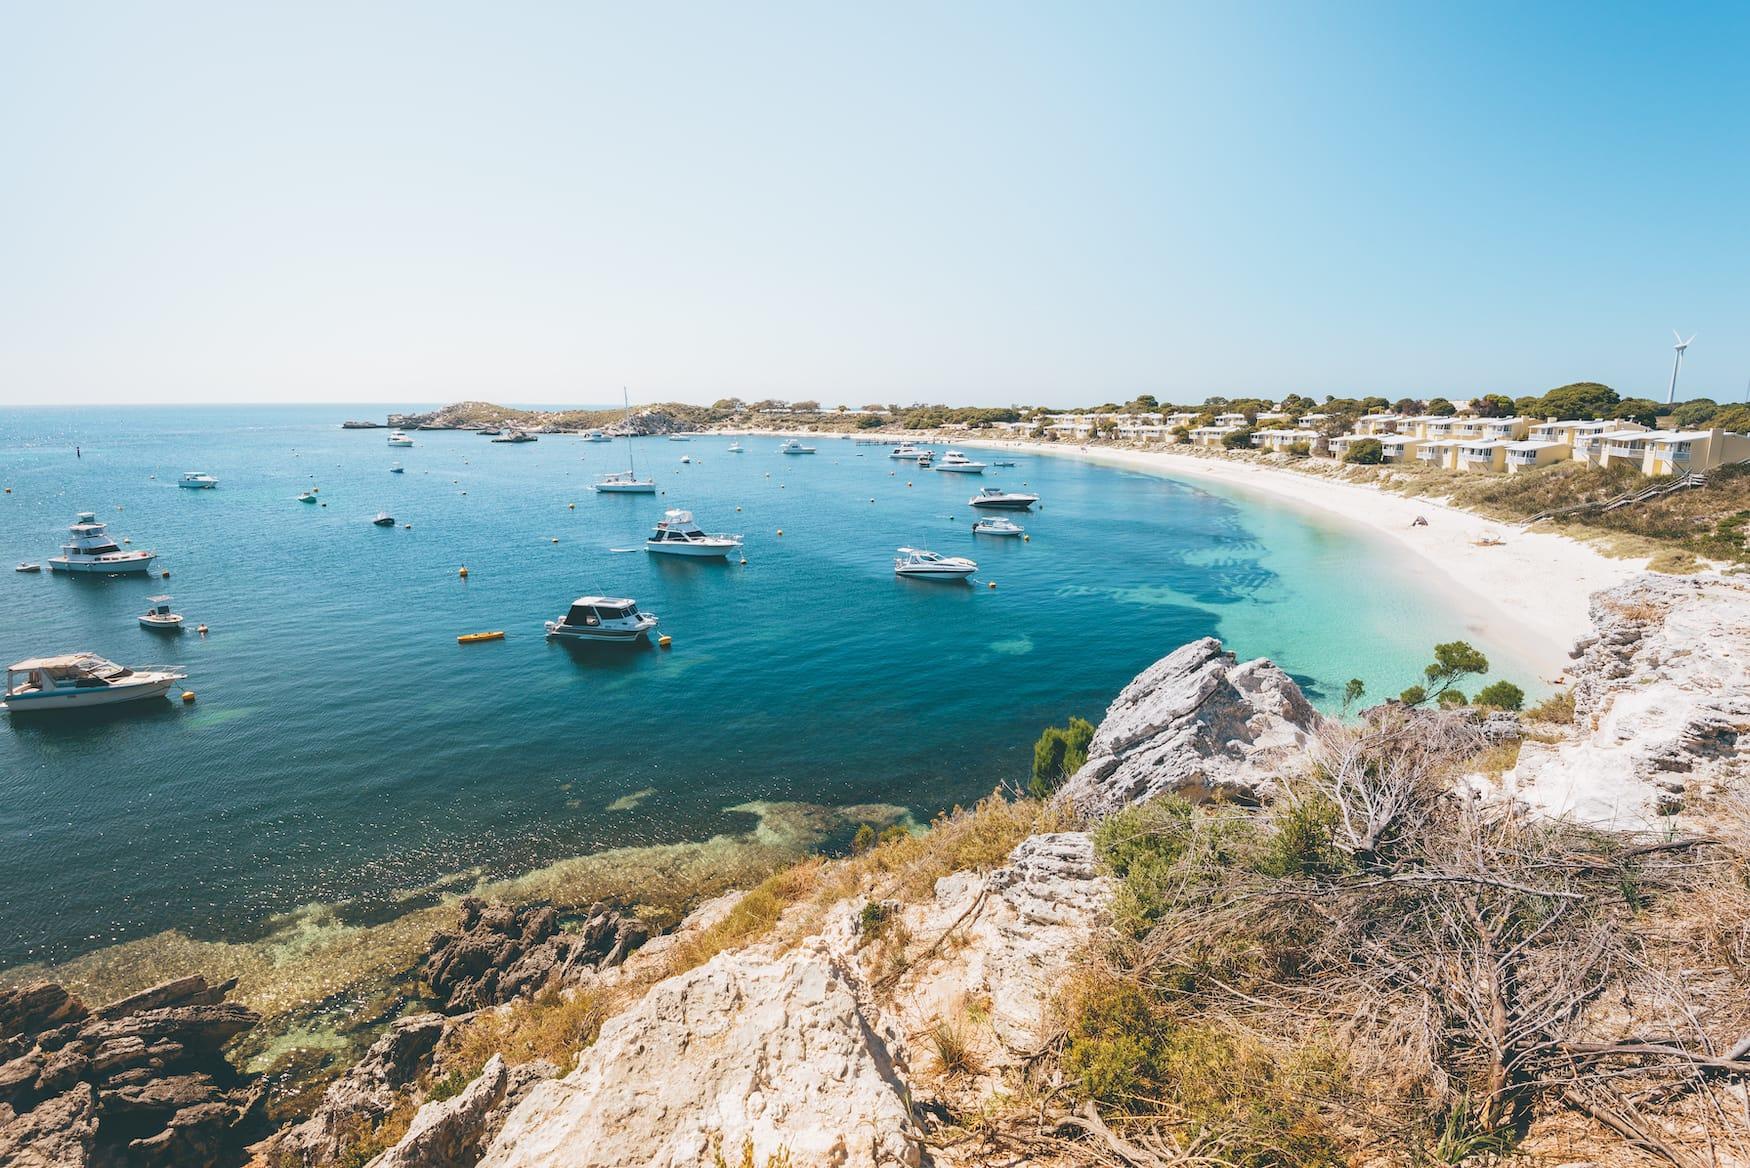 Traumhafte Bucht auf Rottnest Island in Australien